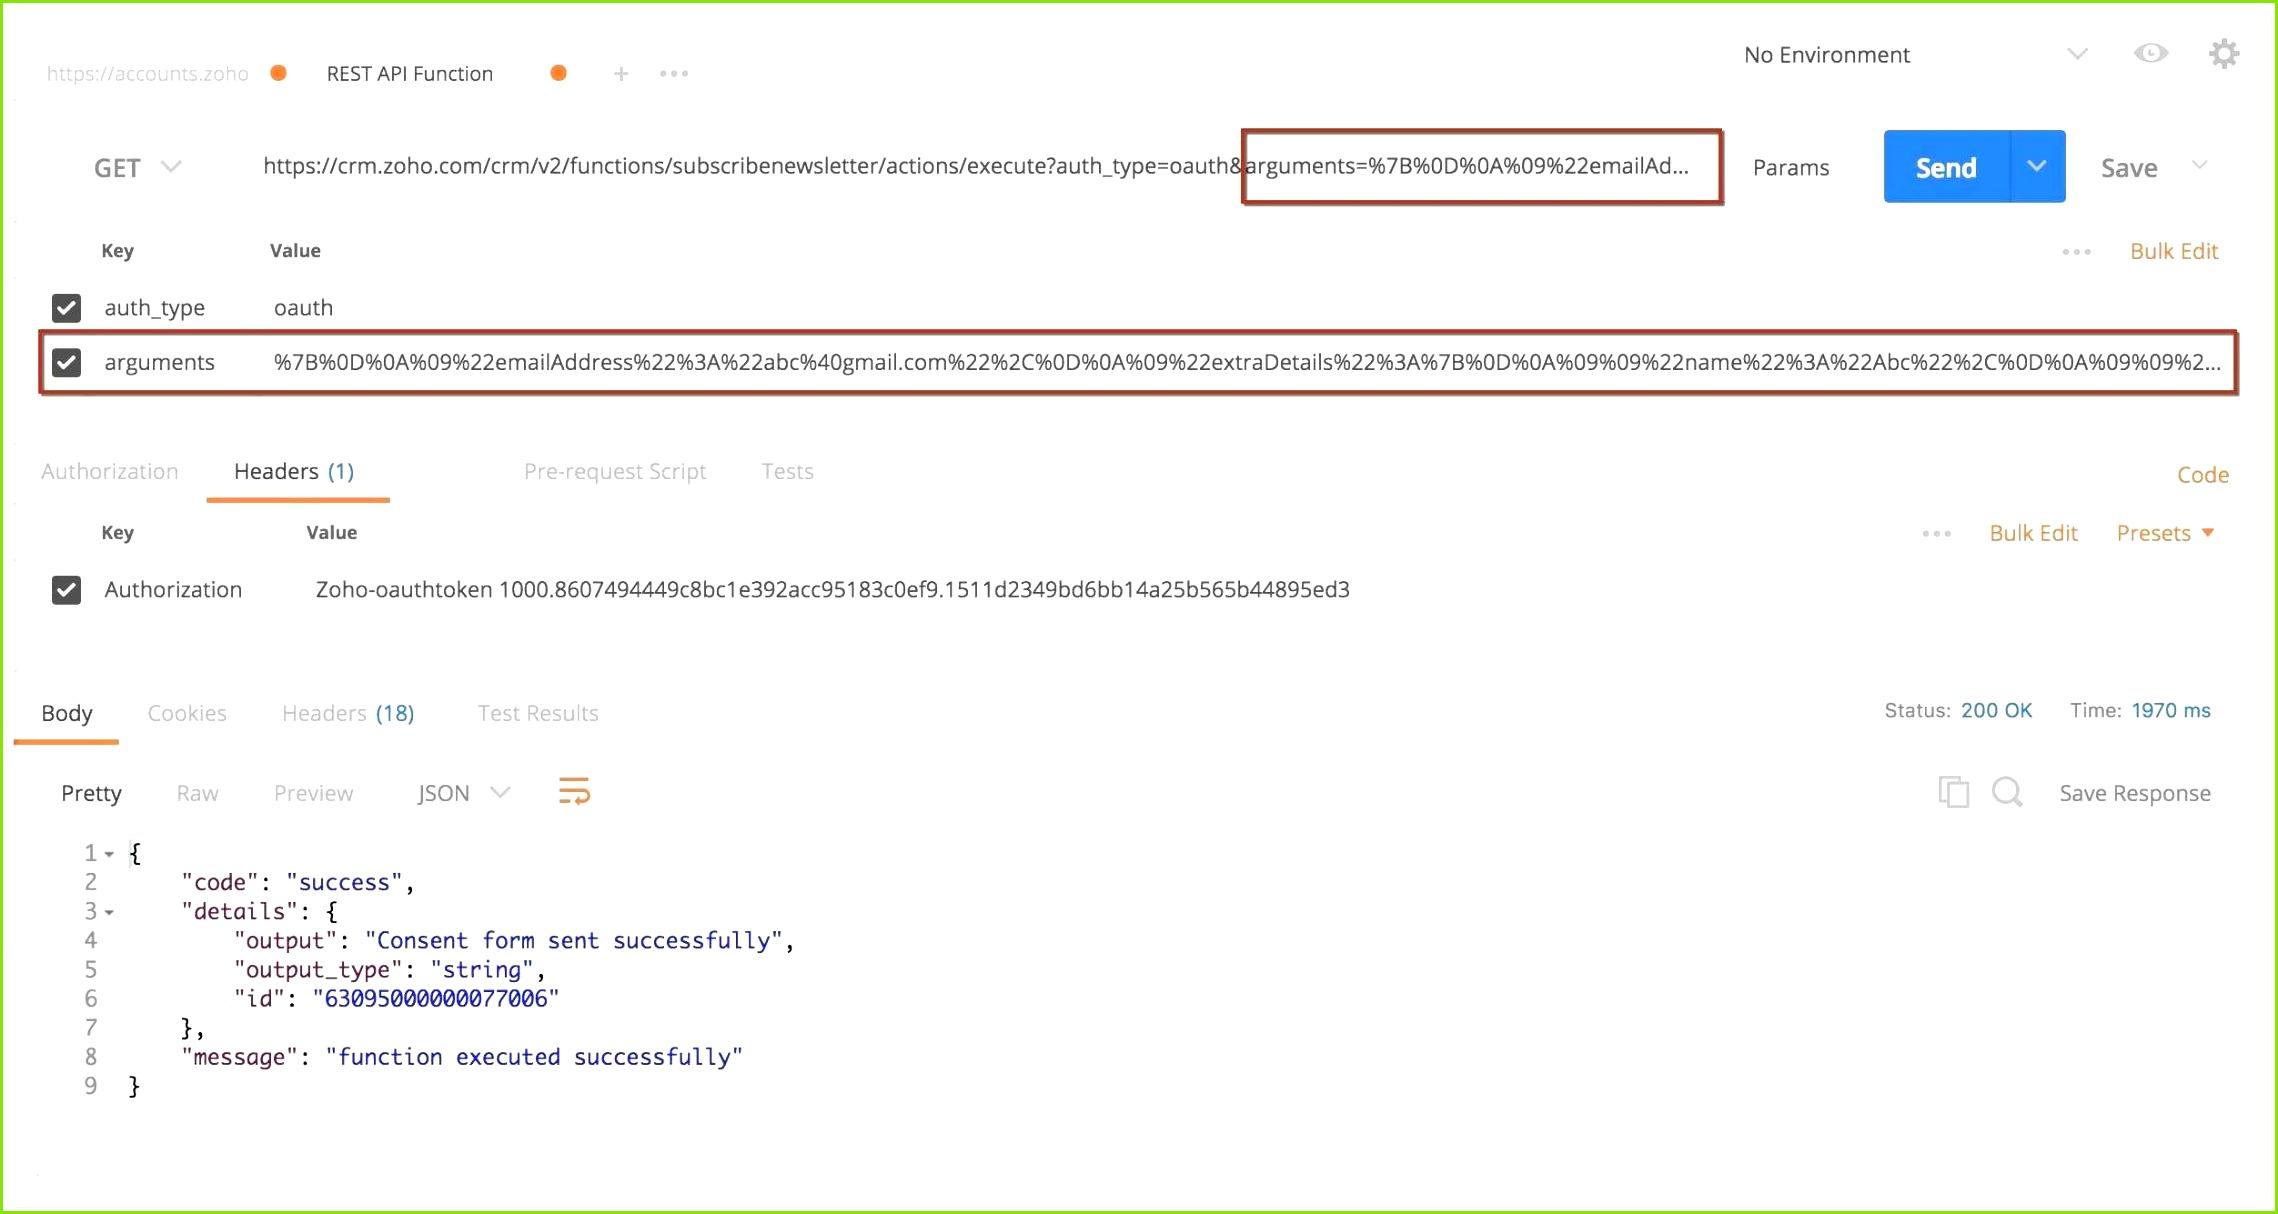 Bewerbung Per Email Vorlage Druckbare Bewerbung Email Anschreiben Muster Genial 49 Das Beste Von Bild